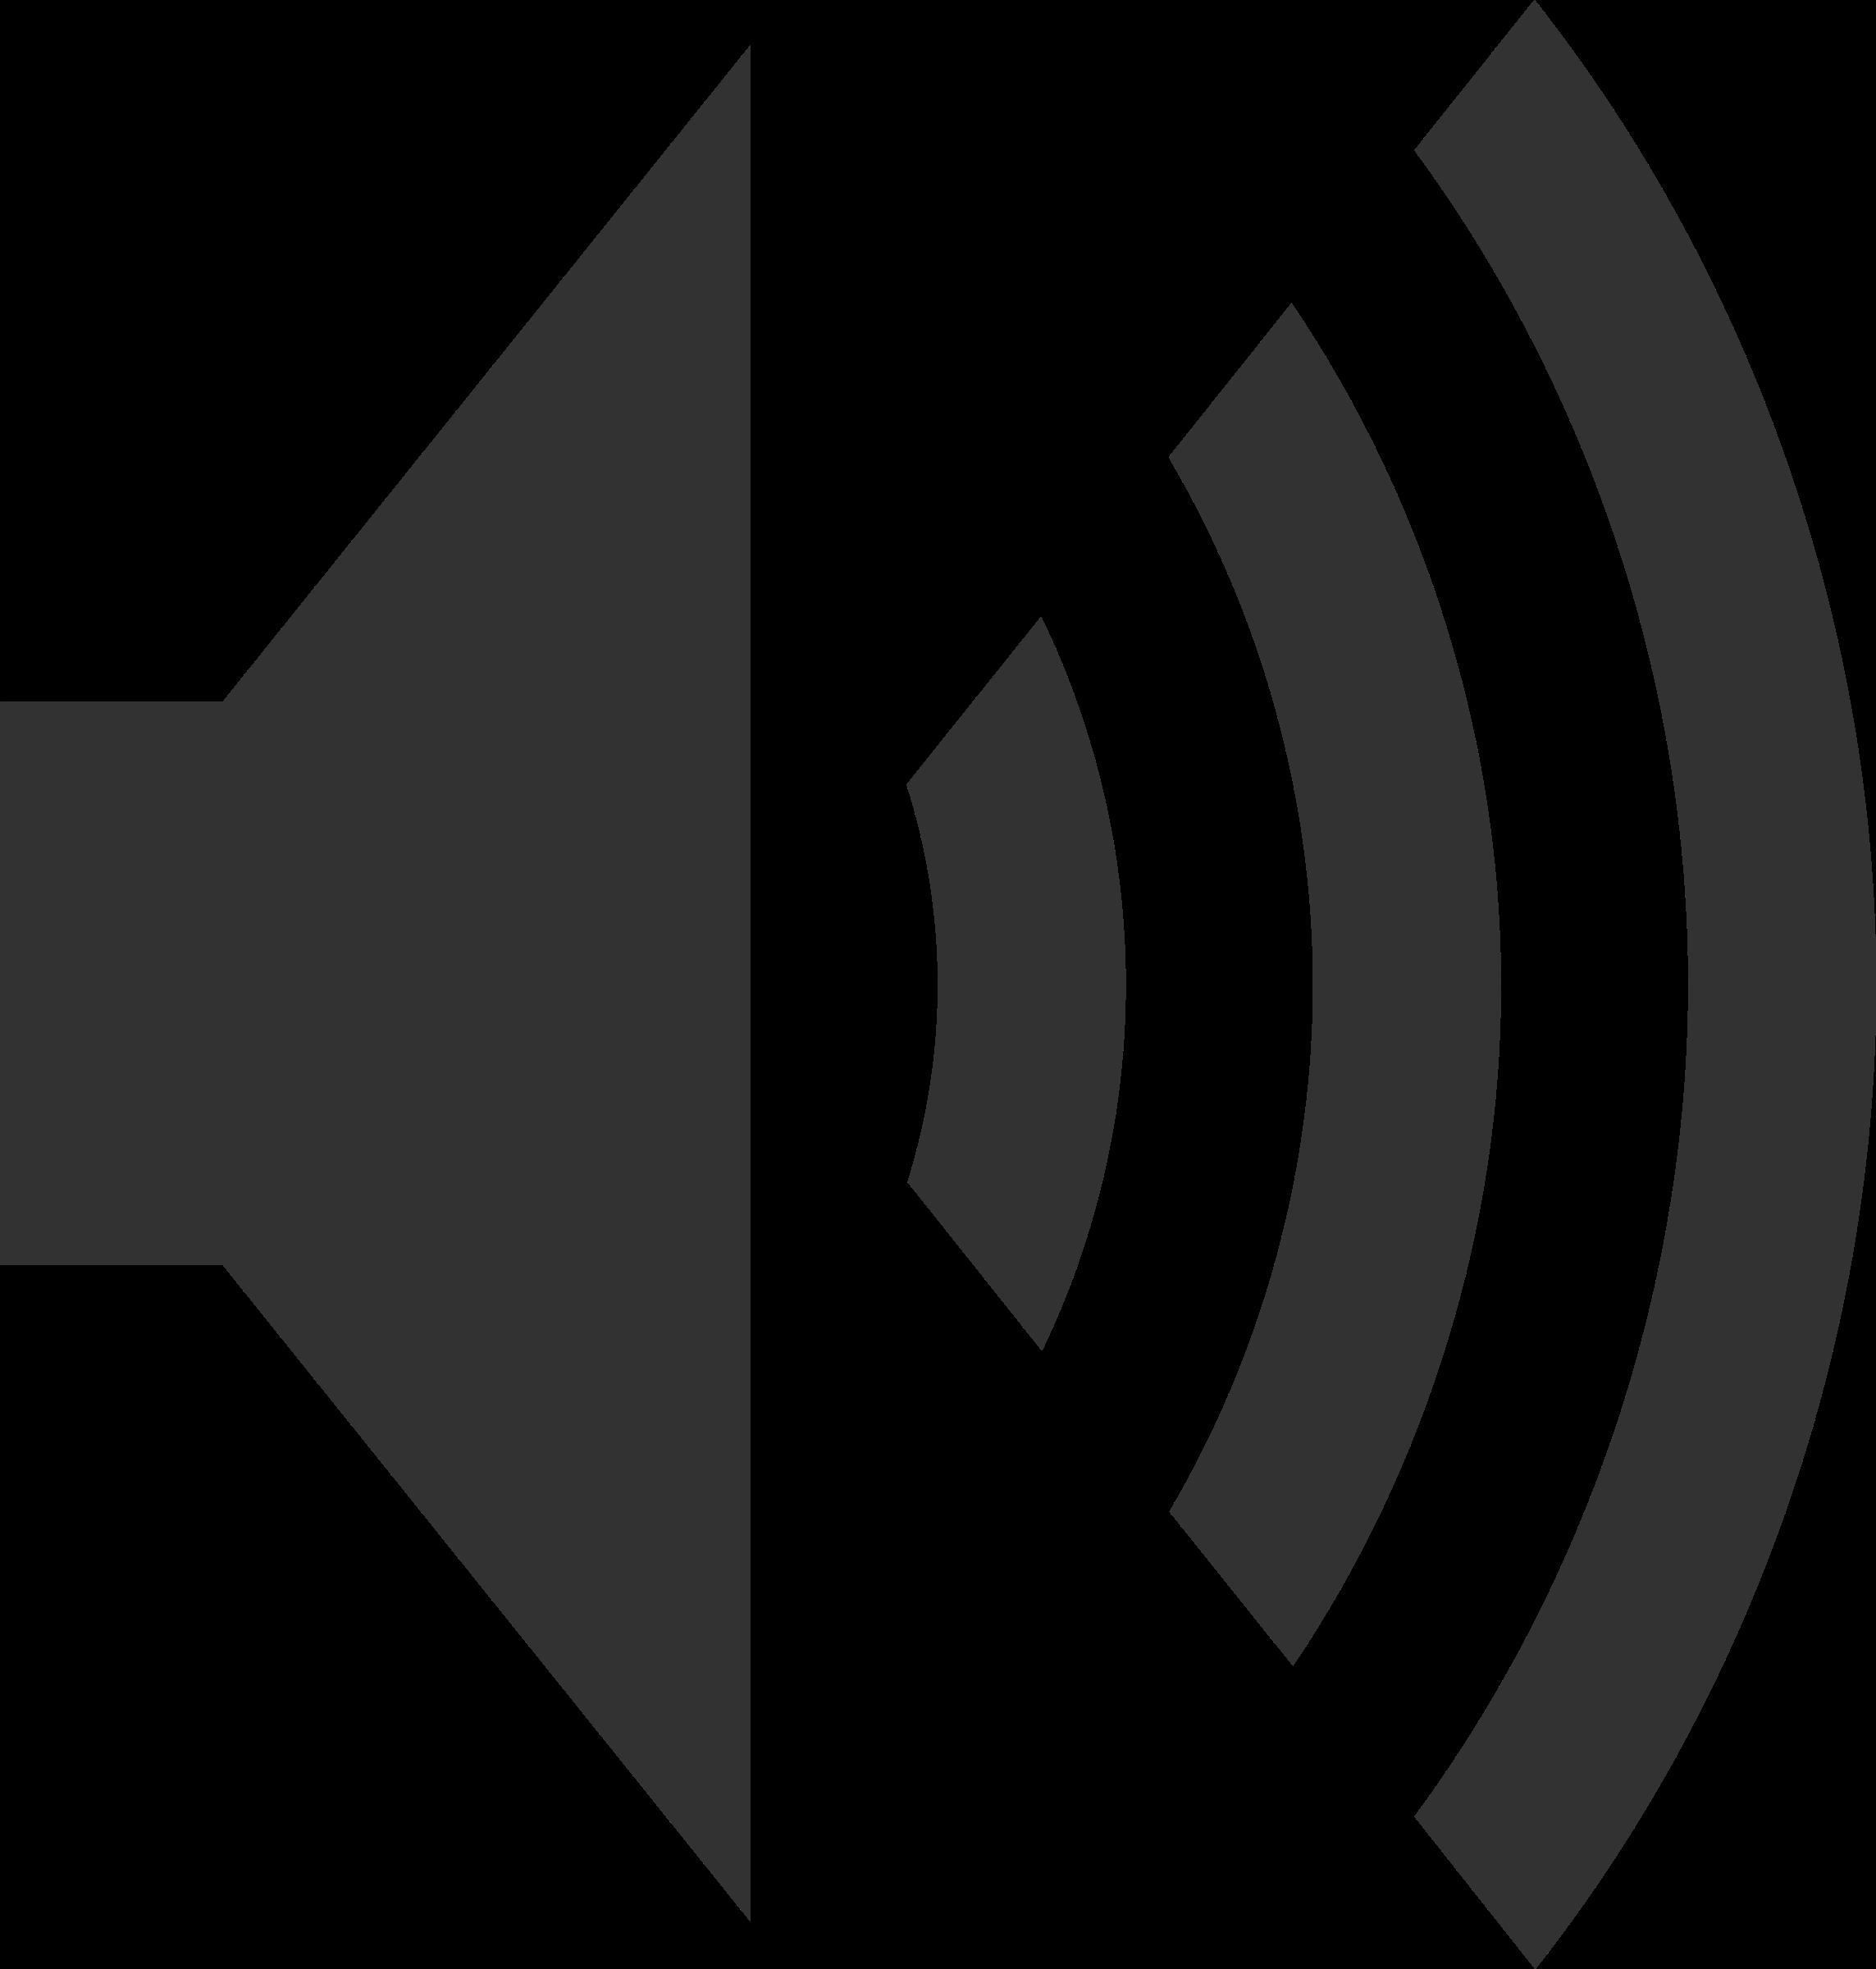 Speakers Clip Art.